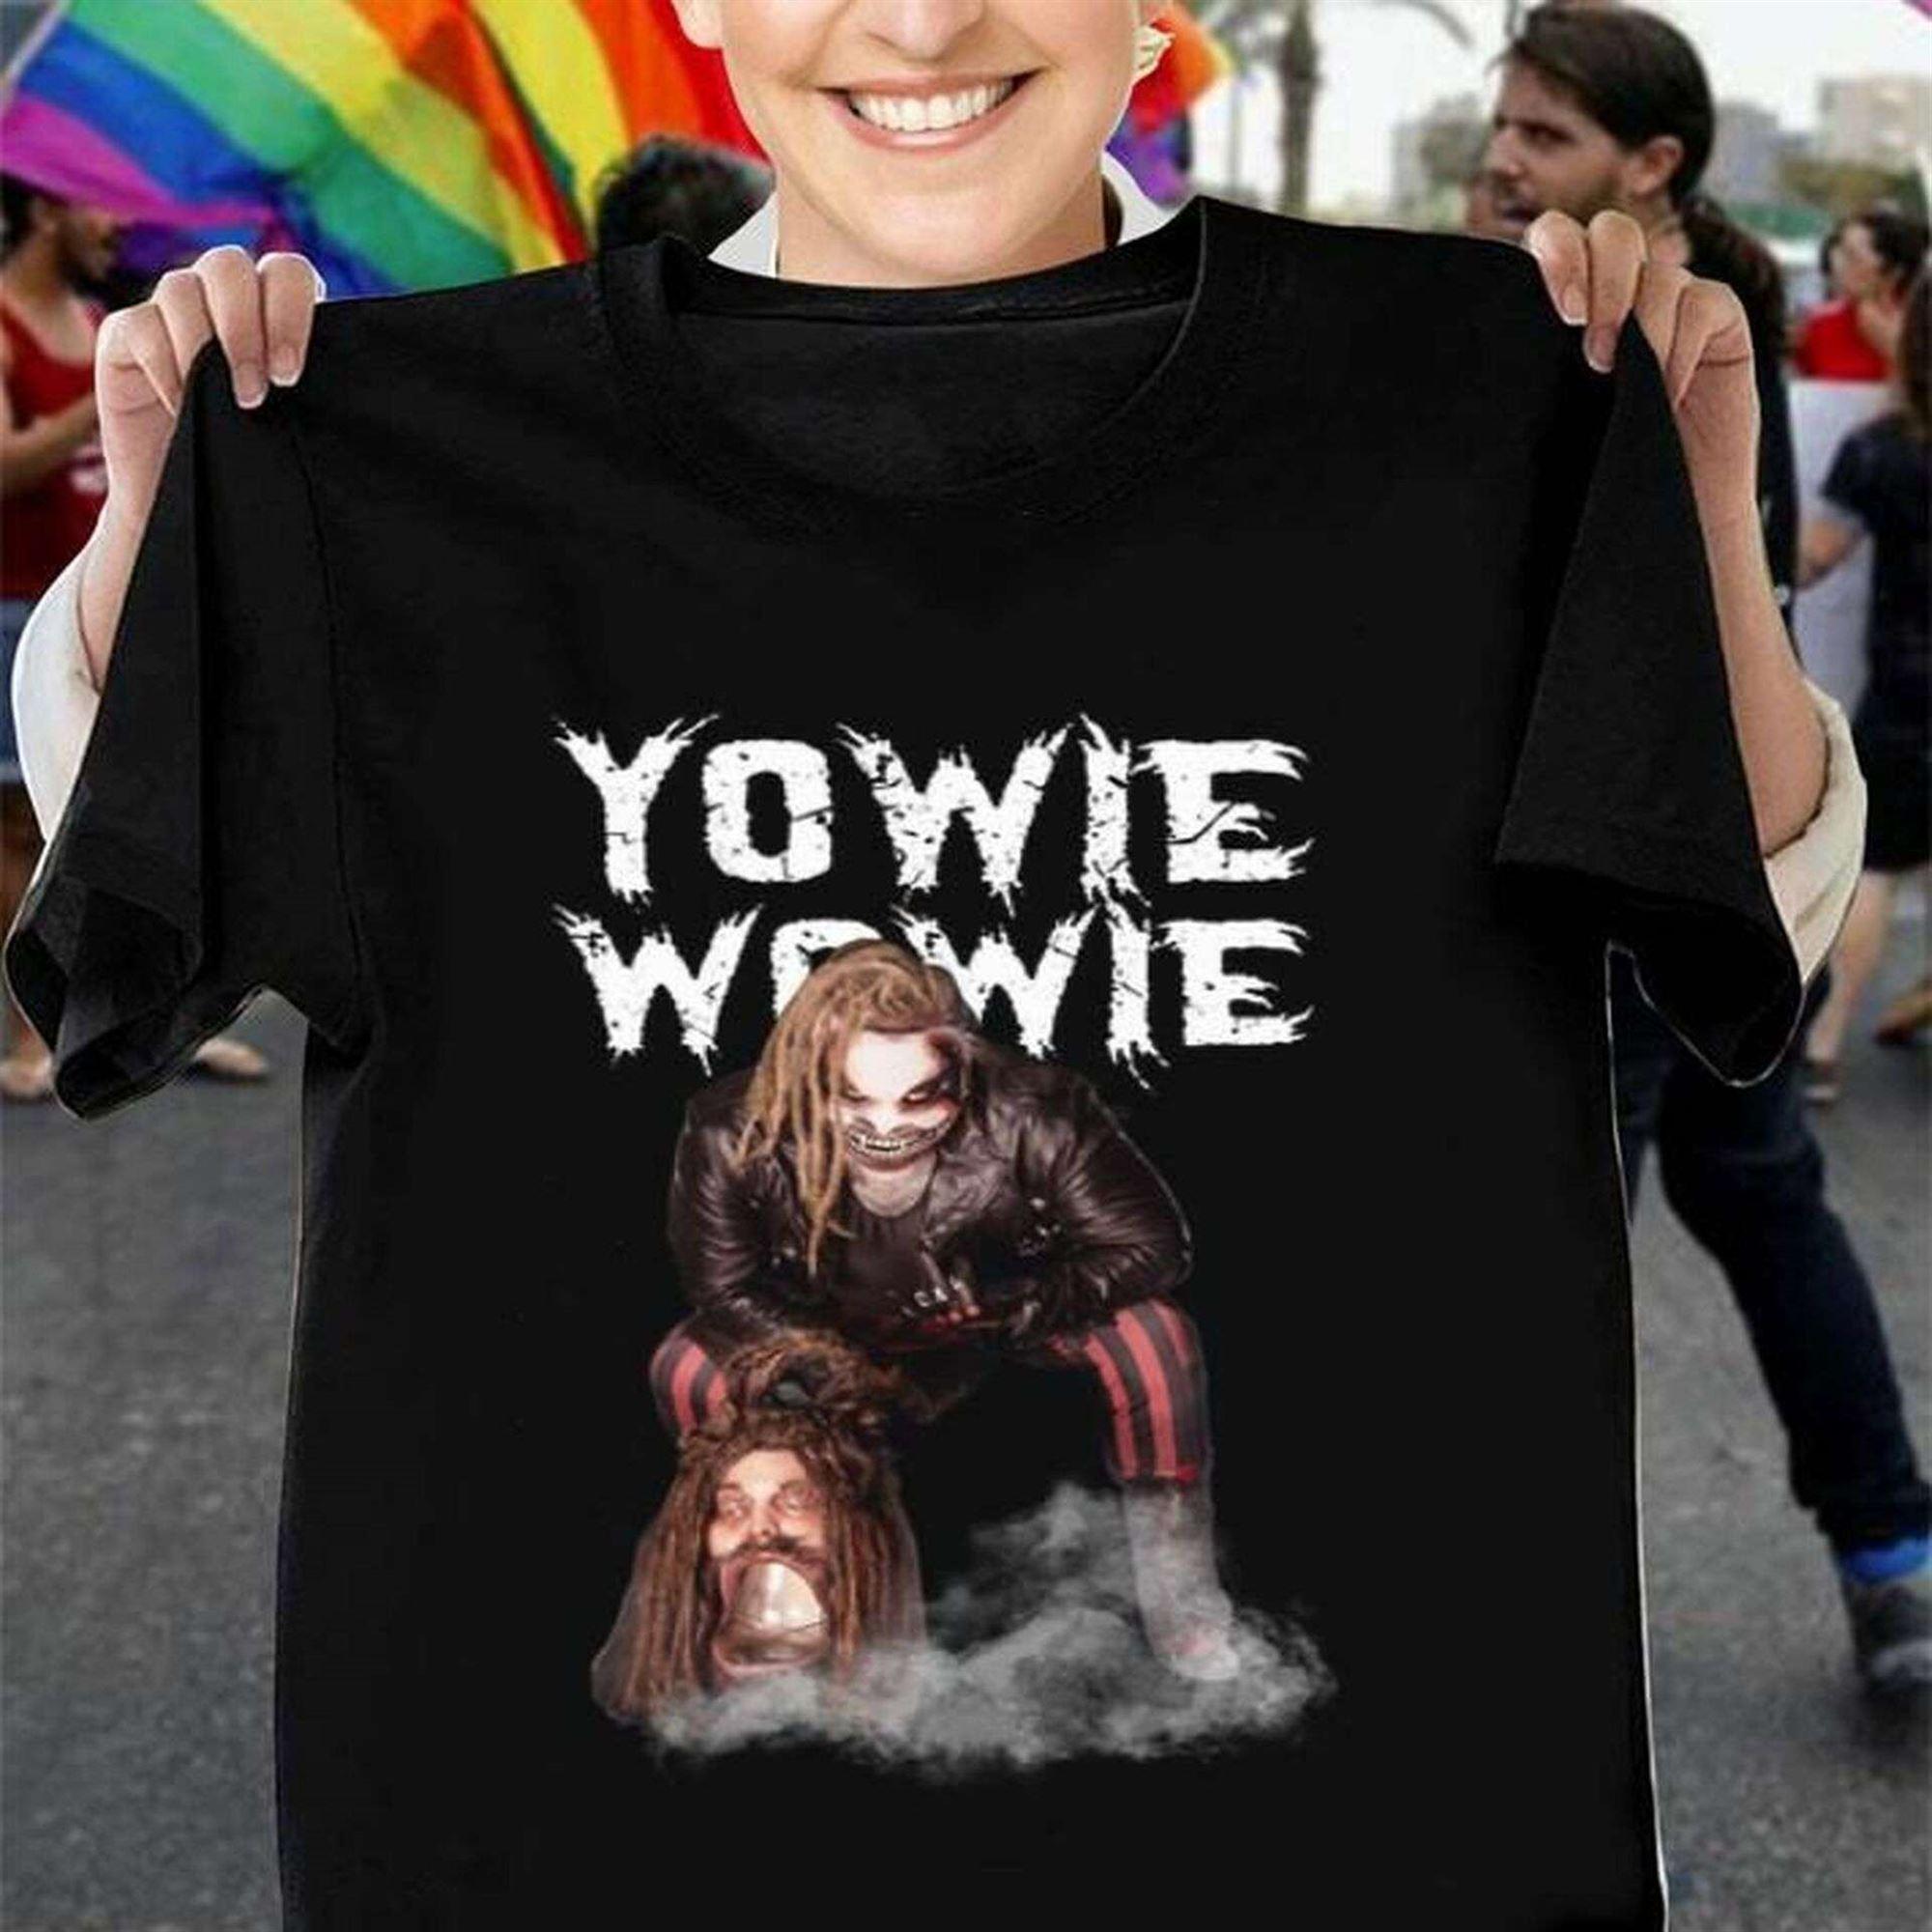 Yowie Wowie Bray Wyatt Wwe T Shirt Plus Size Up To 5x